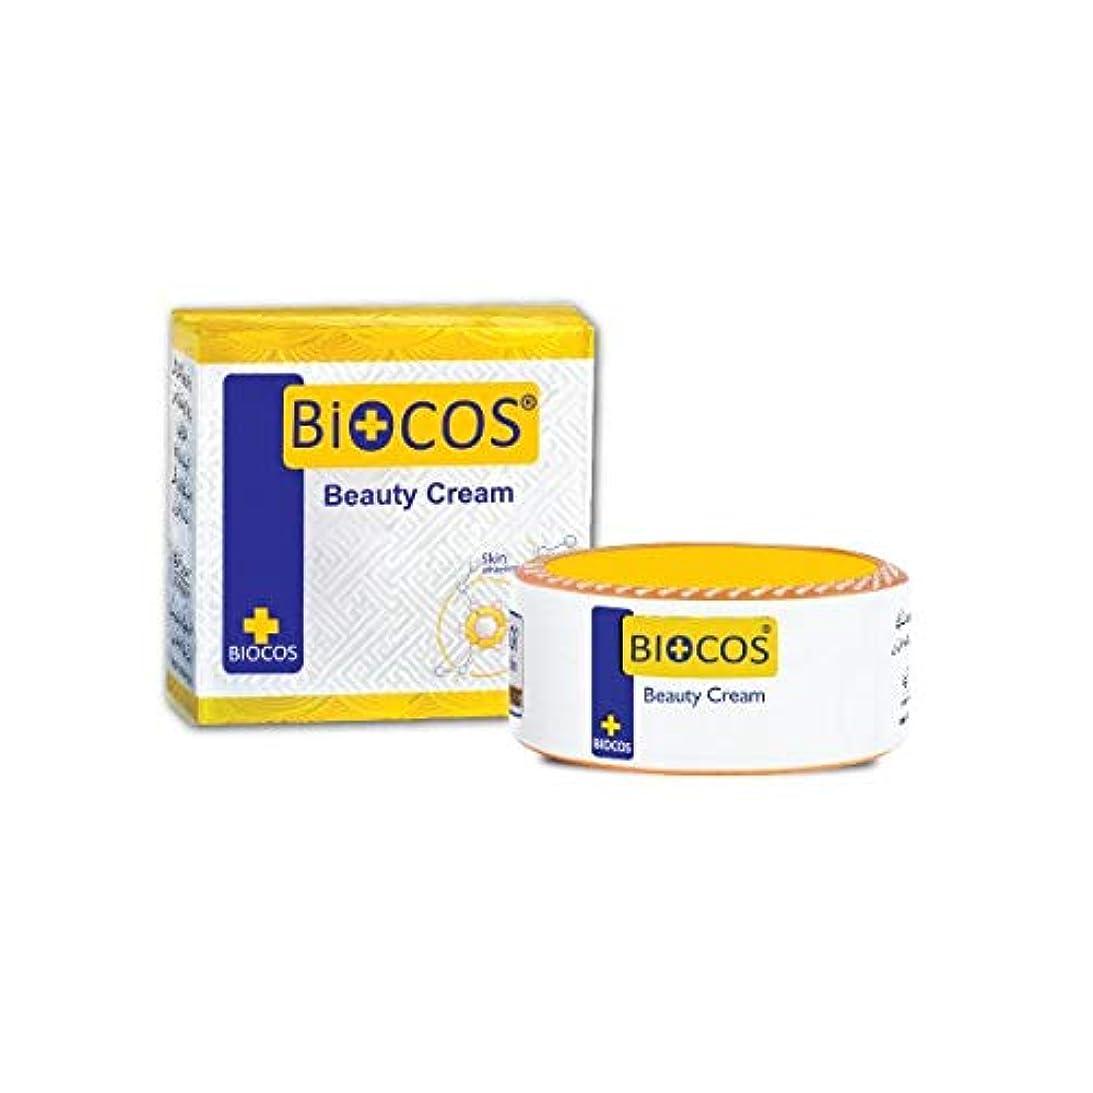 賄賂カップルライバルBiocos Beauty Cream & Emergency Serum Original Import from Pakistan